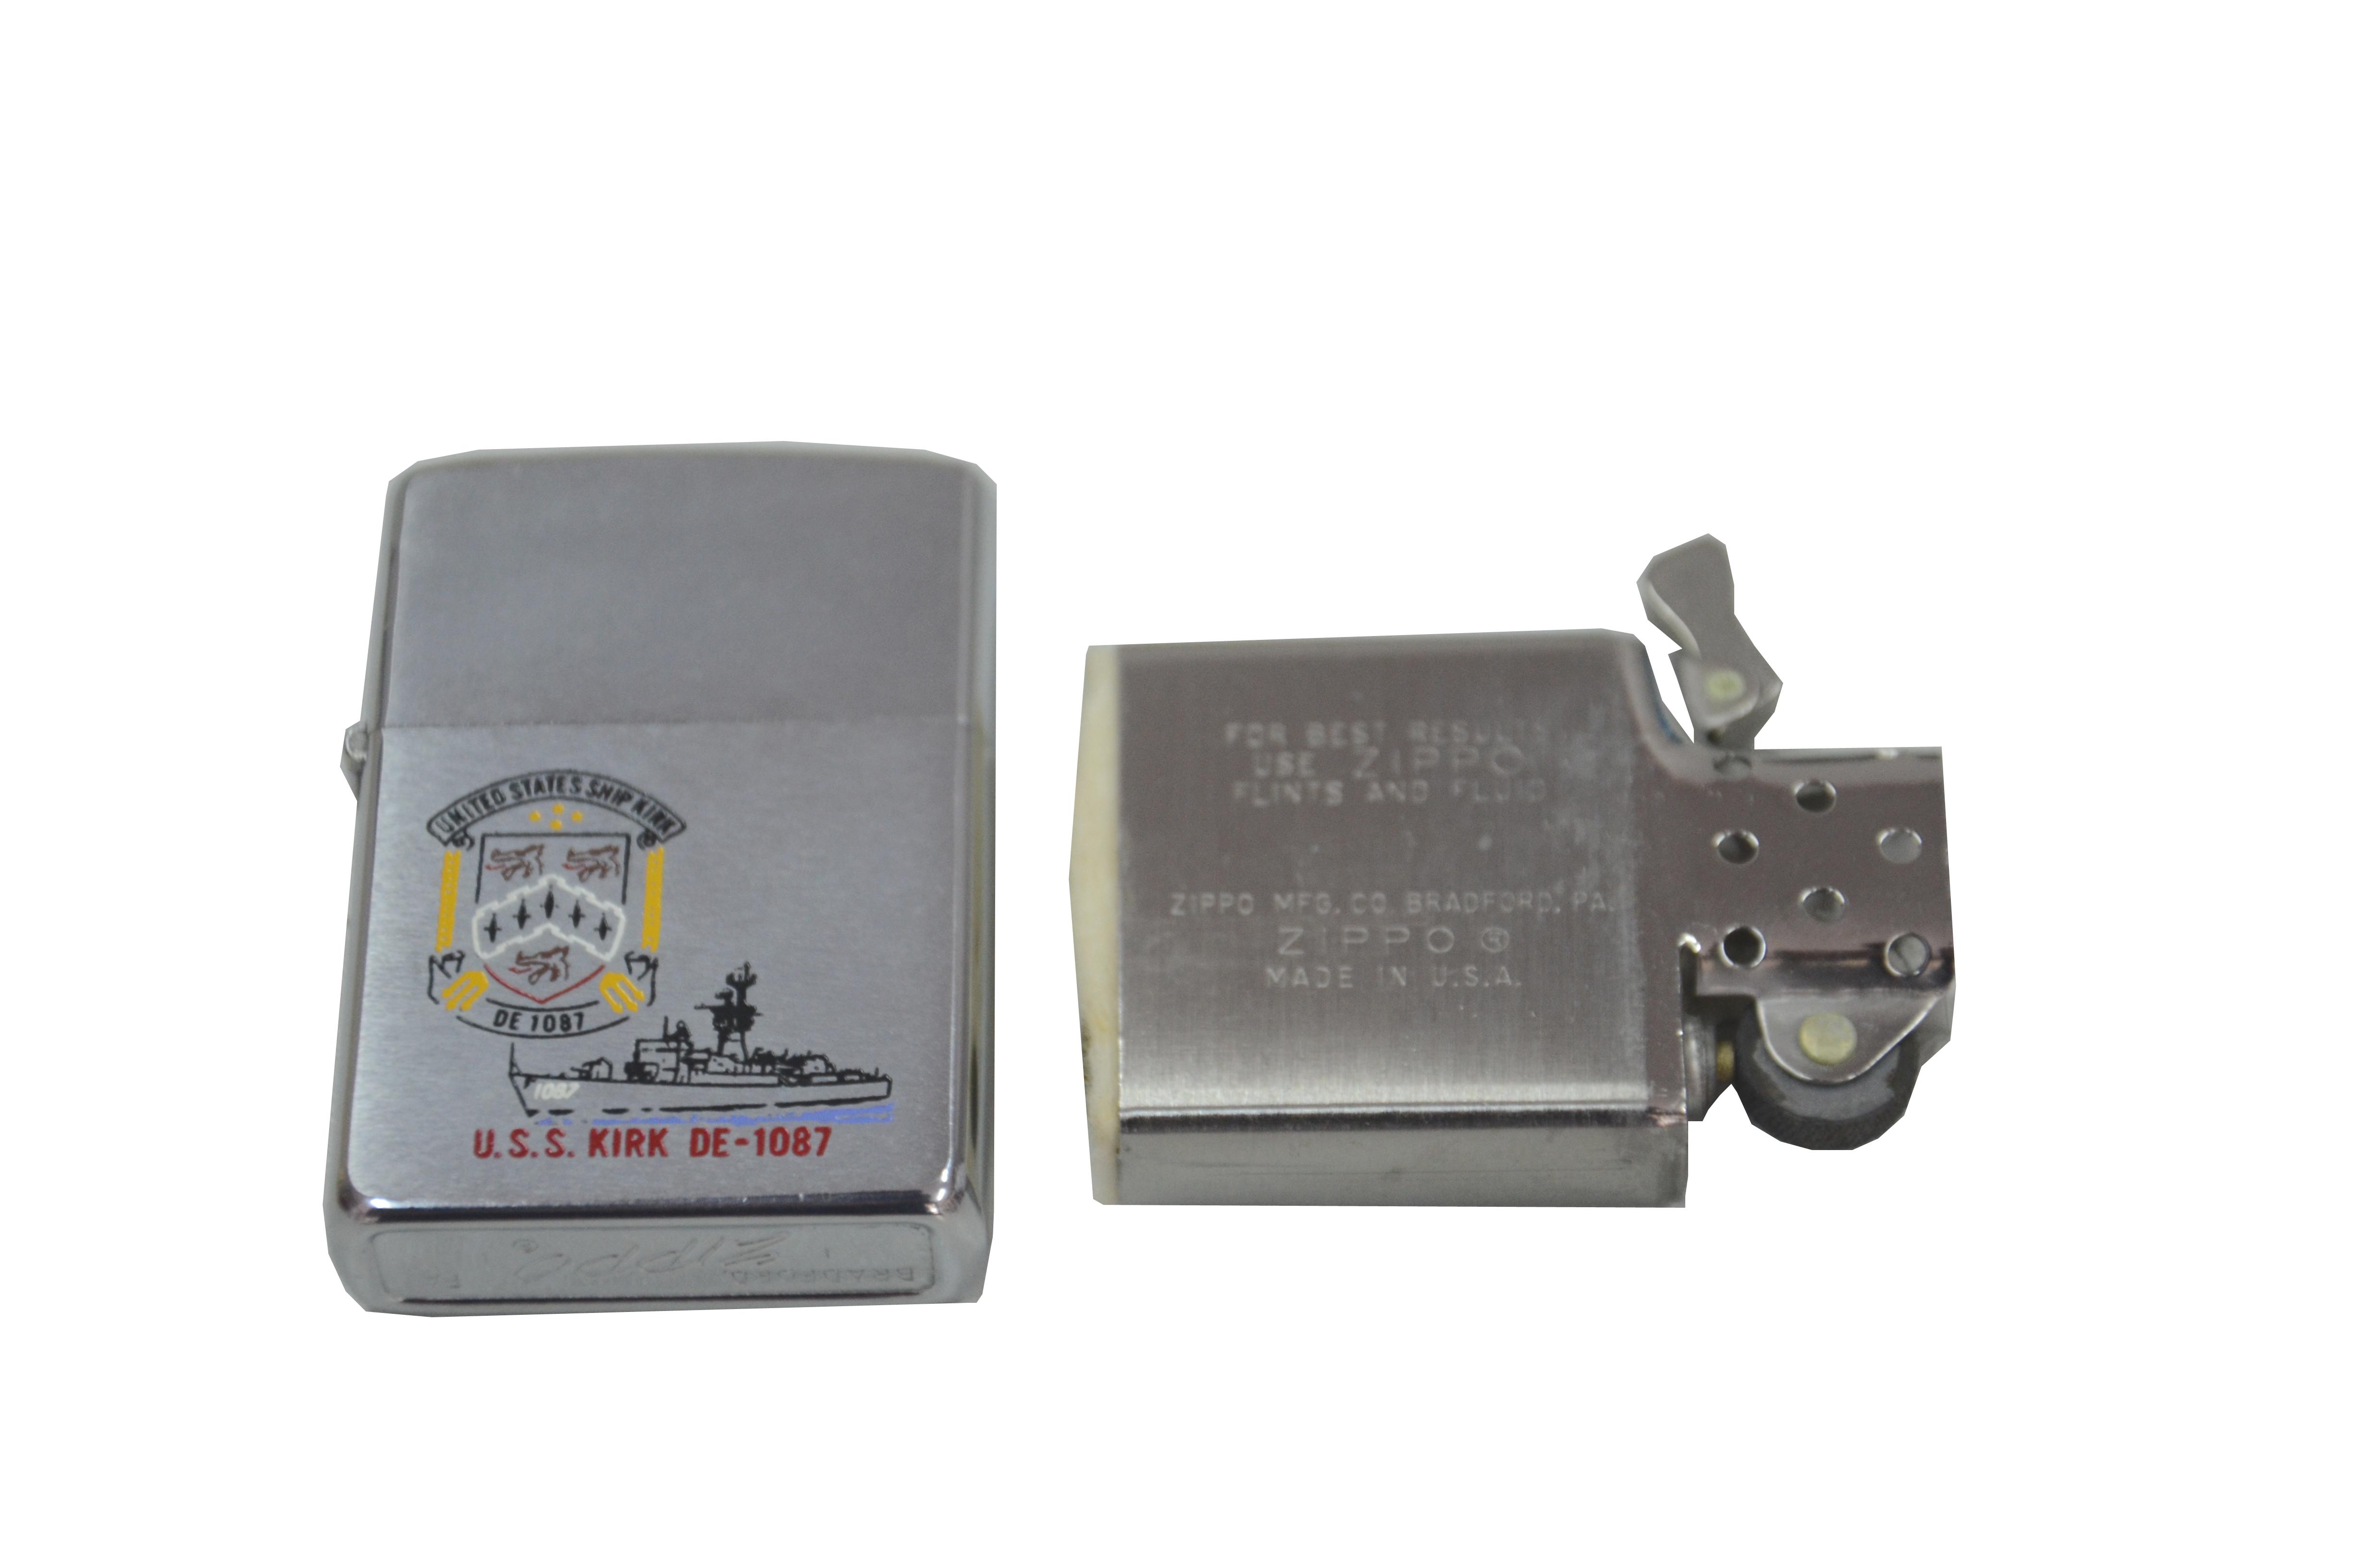 Bat lua zippo usa co nam 1972 ntz849 3